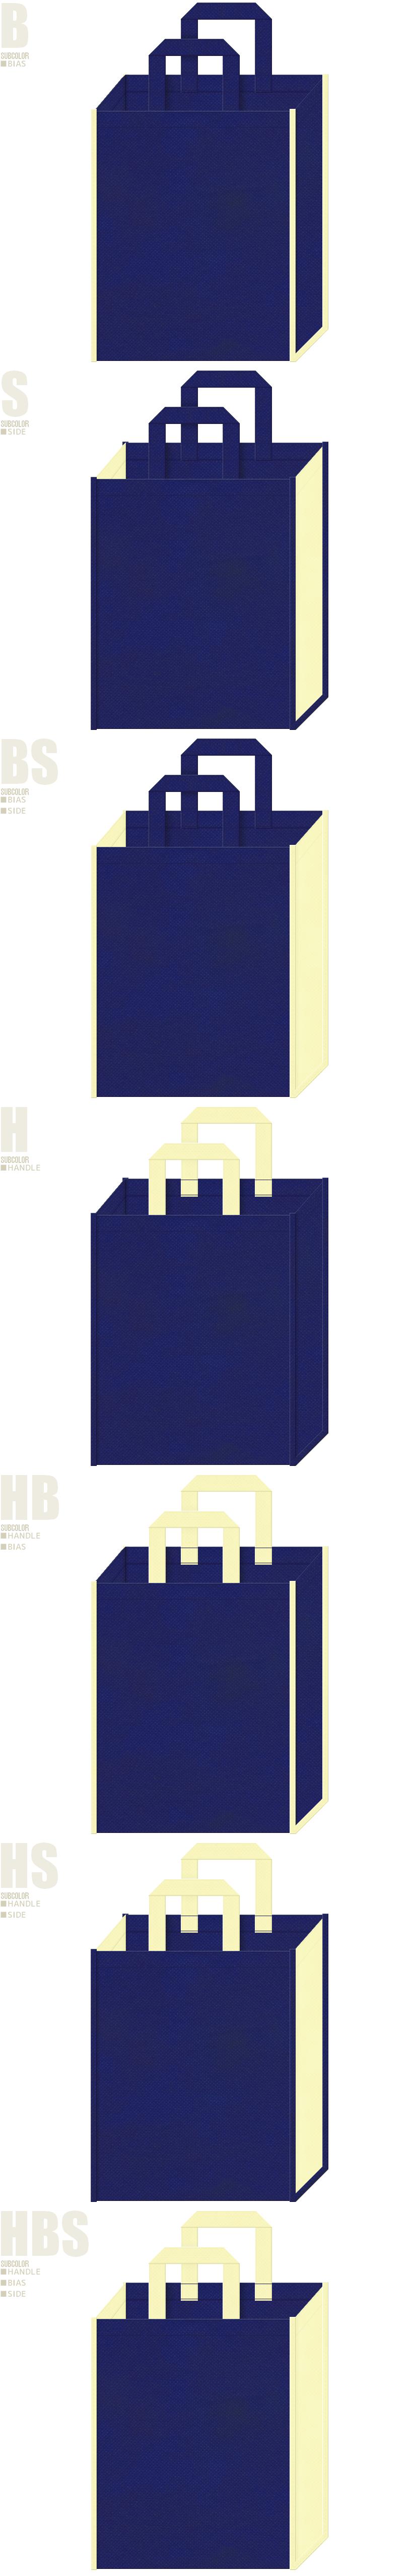 月明かり・月光・ゲーム・照明器具の展示会用バッグにお奨めの不織布バッグデザイン:明るい紺色と薄黄色の不織布バッグ配色7パターン。